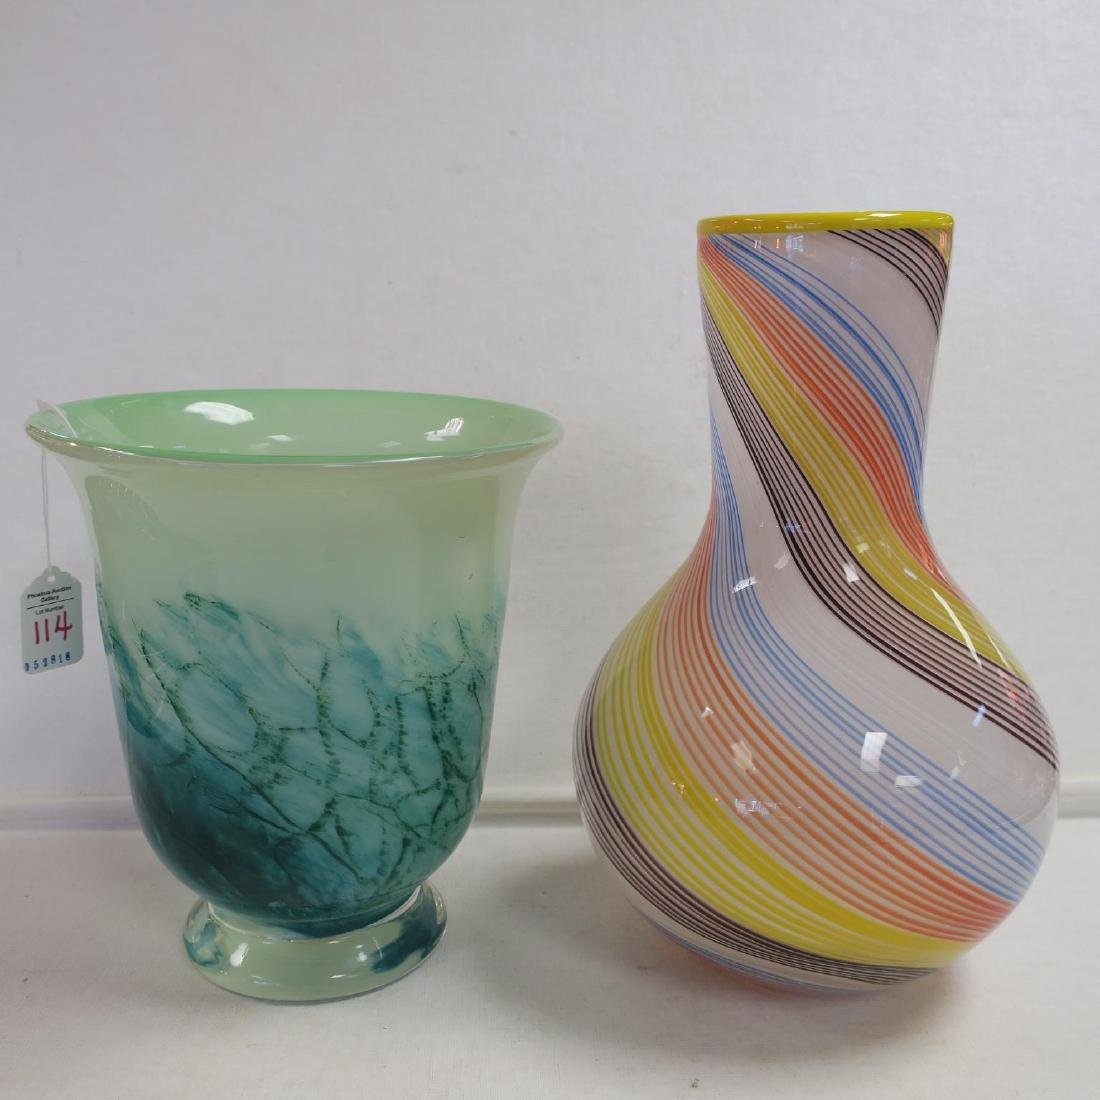 Two Art Glass Vases: